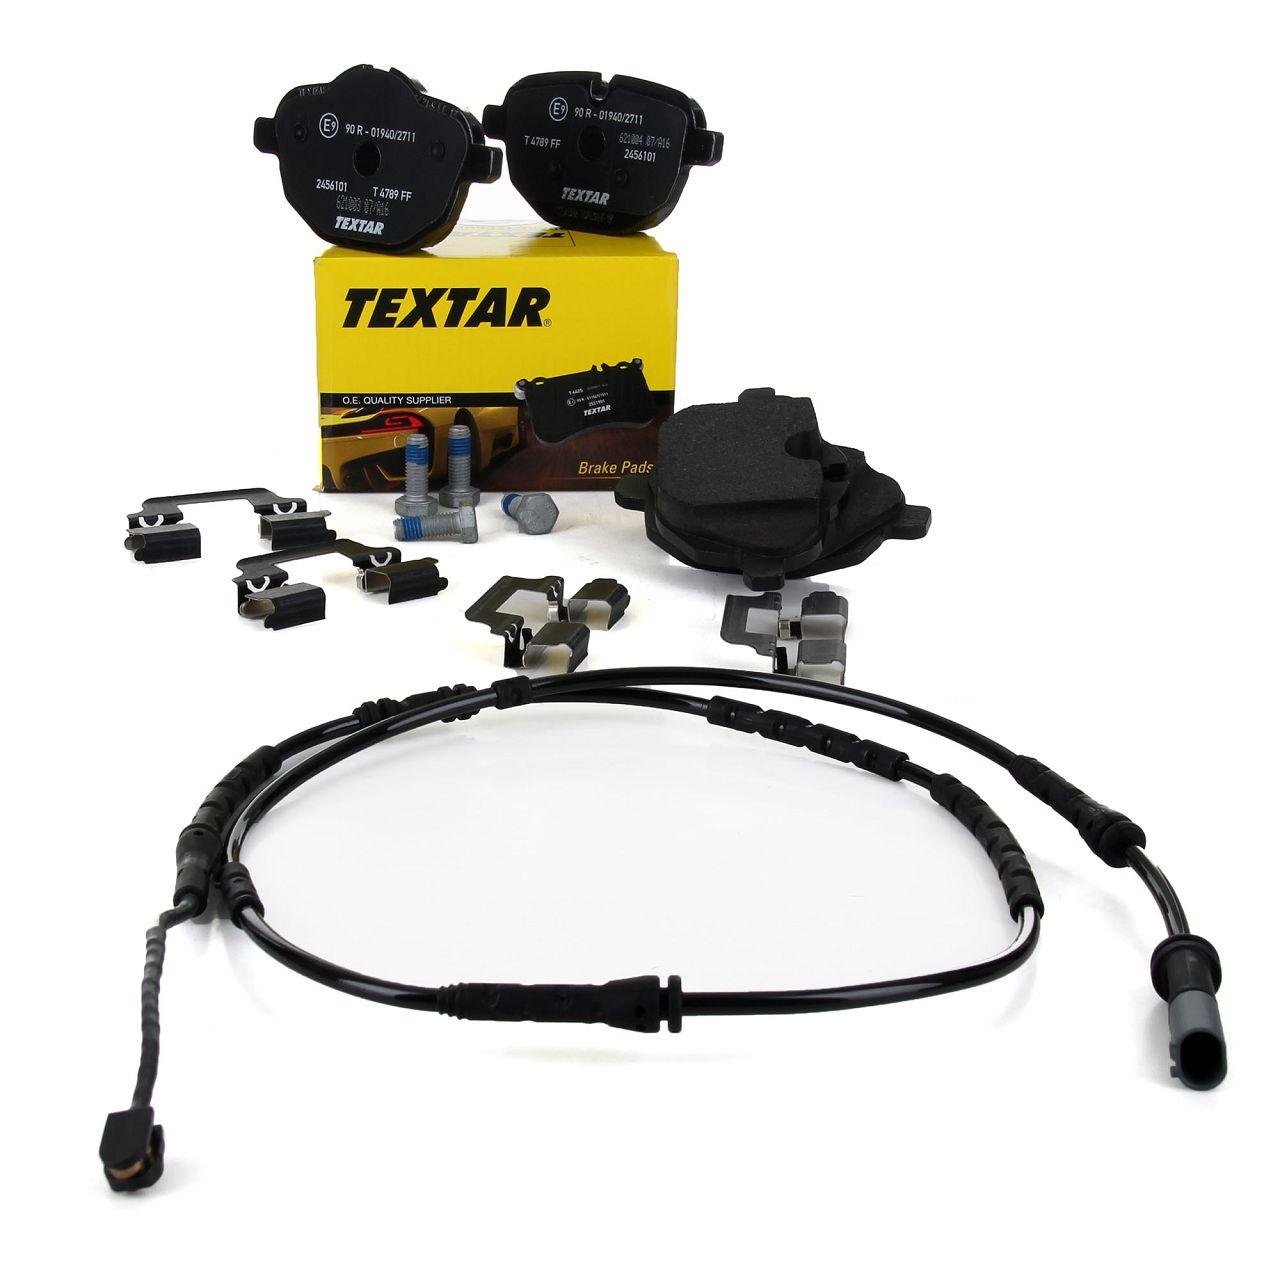 TEXTAR 2456101 Bremsbeläge + Wako BMW X3 F25 X4 F26 20-35i M40i 18-35d hinten